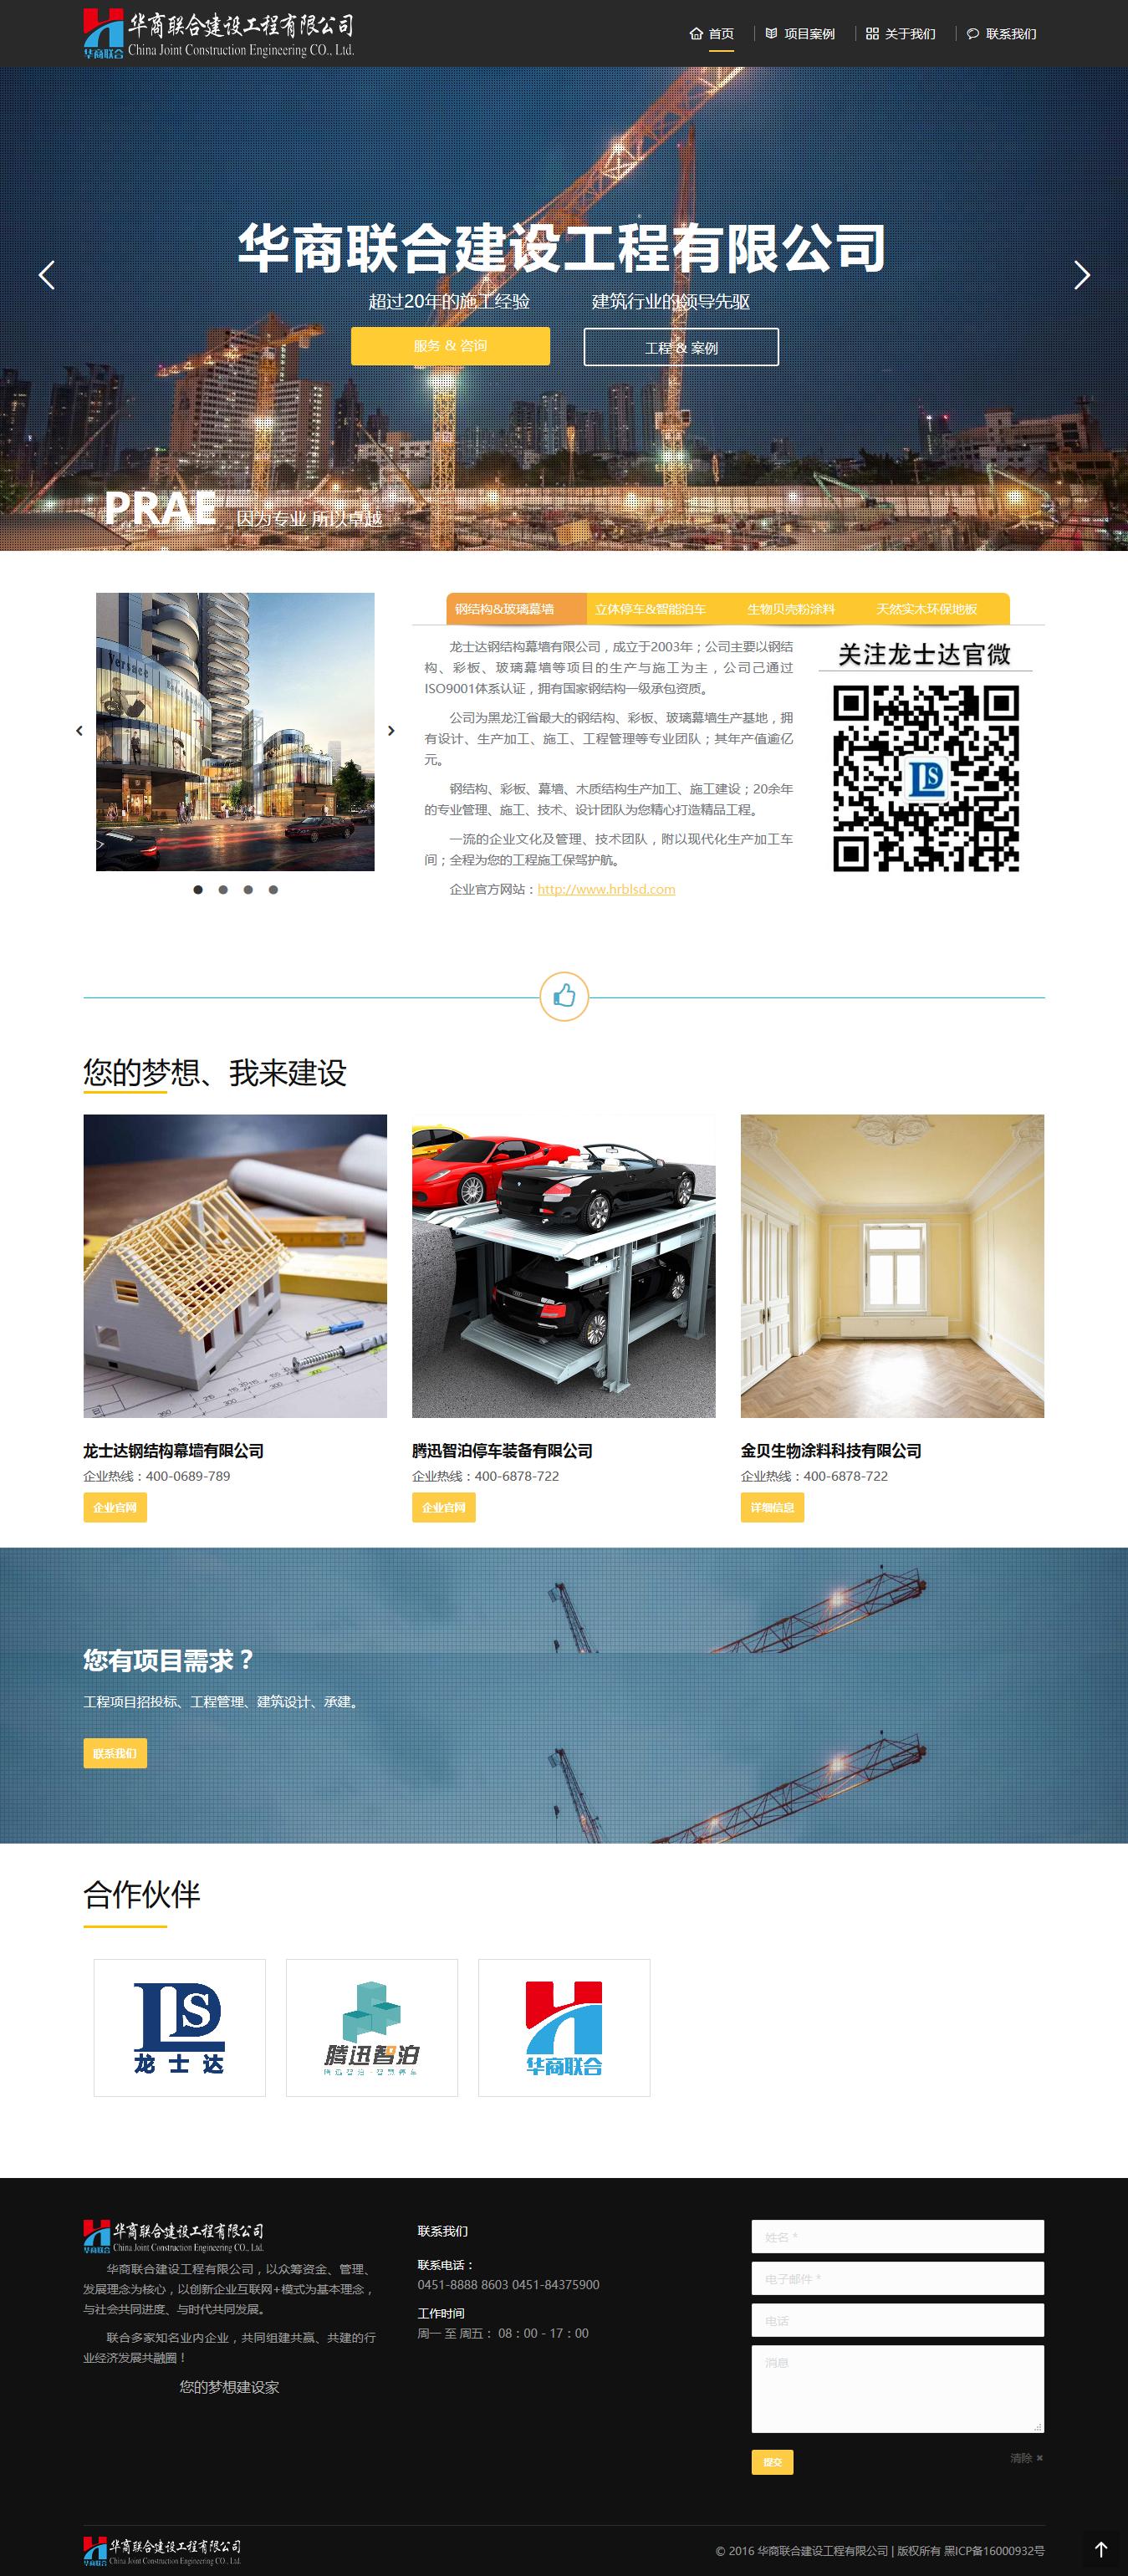 h2 黑龙江省华商联合建设工程有限公司